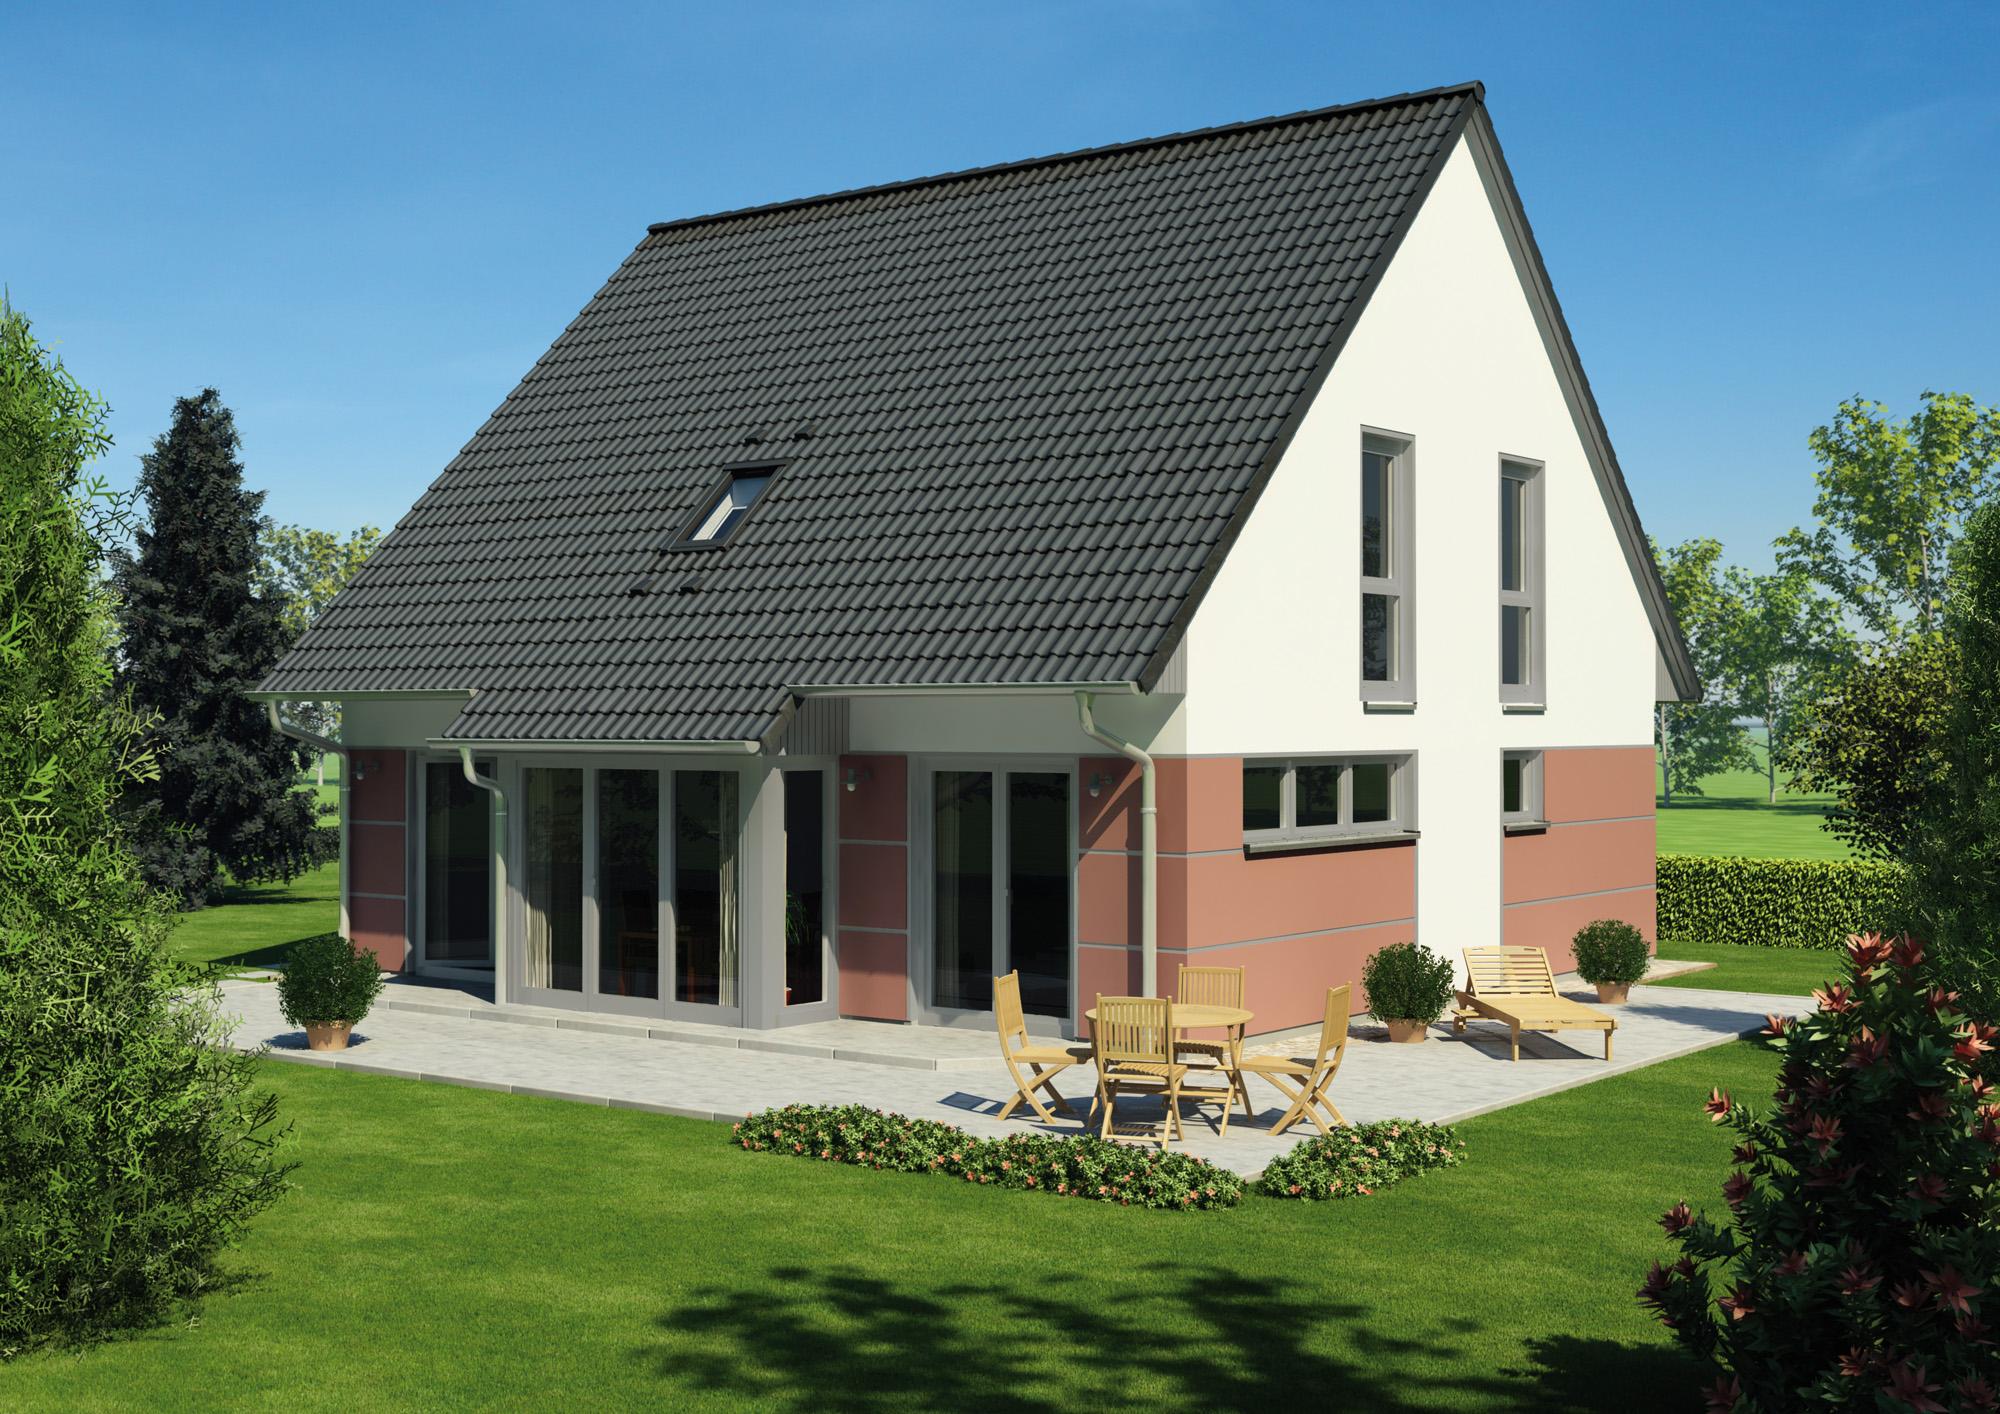 Das Einfamilienhaus Vialla 161 bietet individuelle Wohnwünsche auf ca. 142 m².